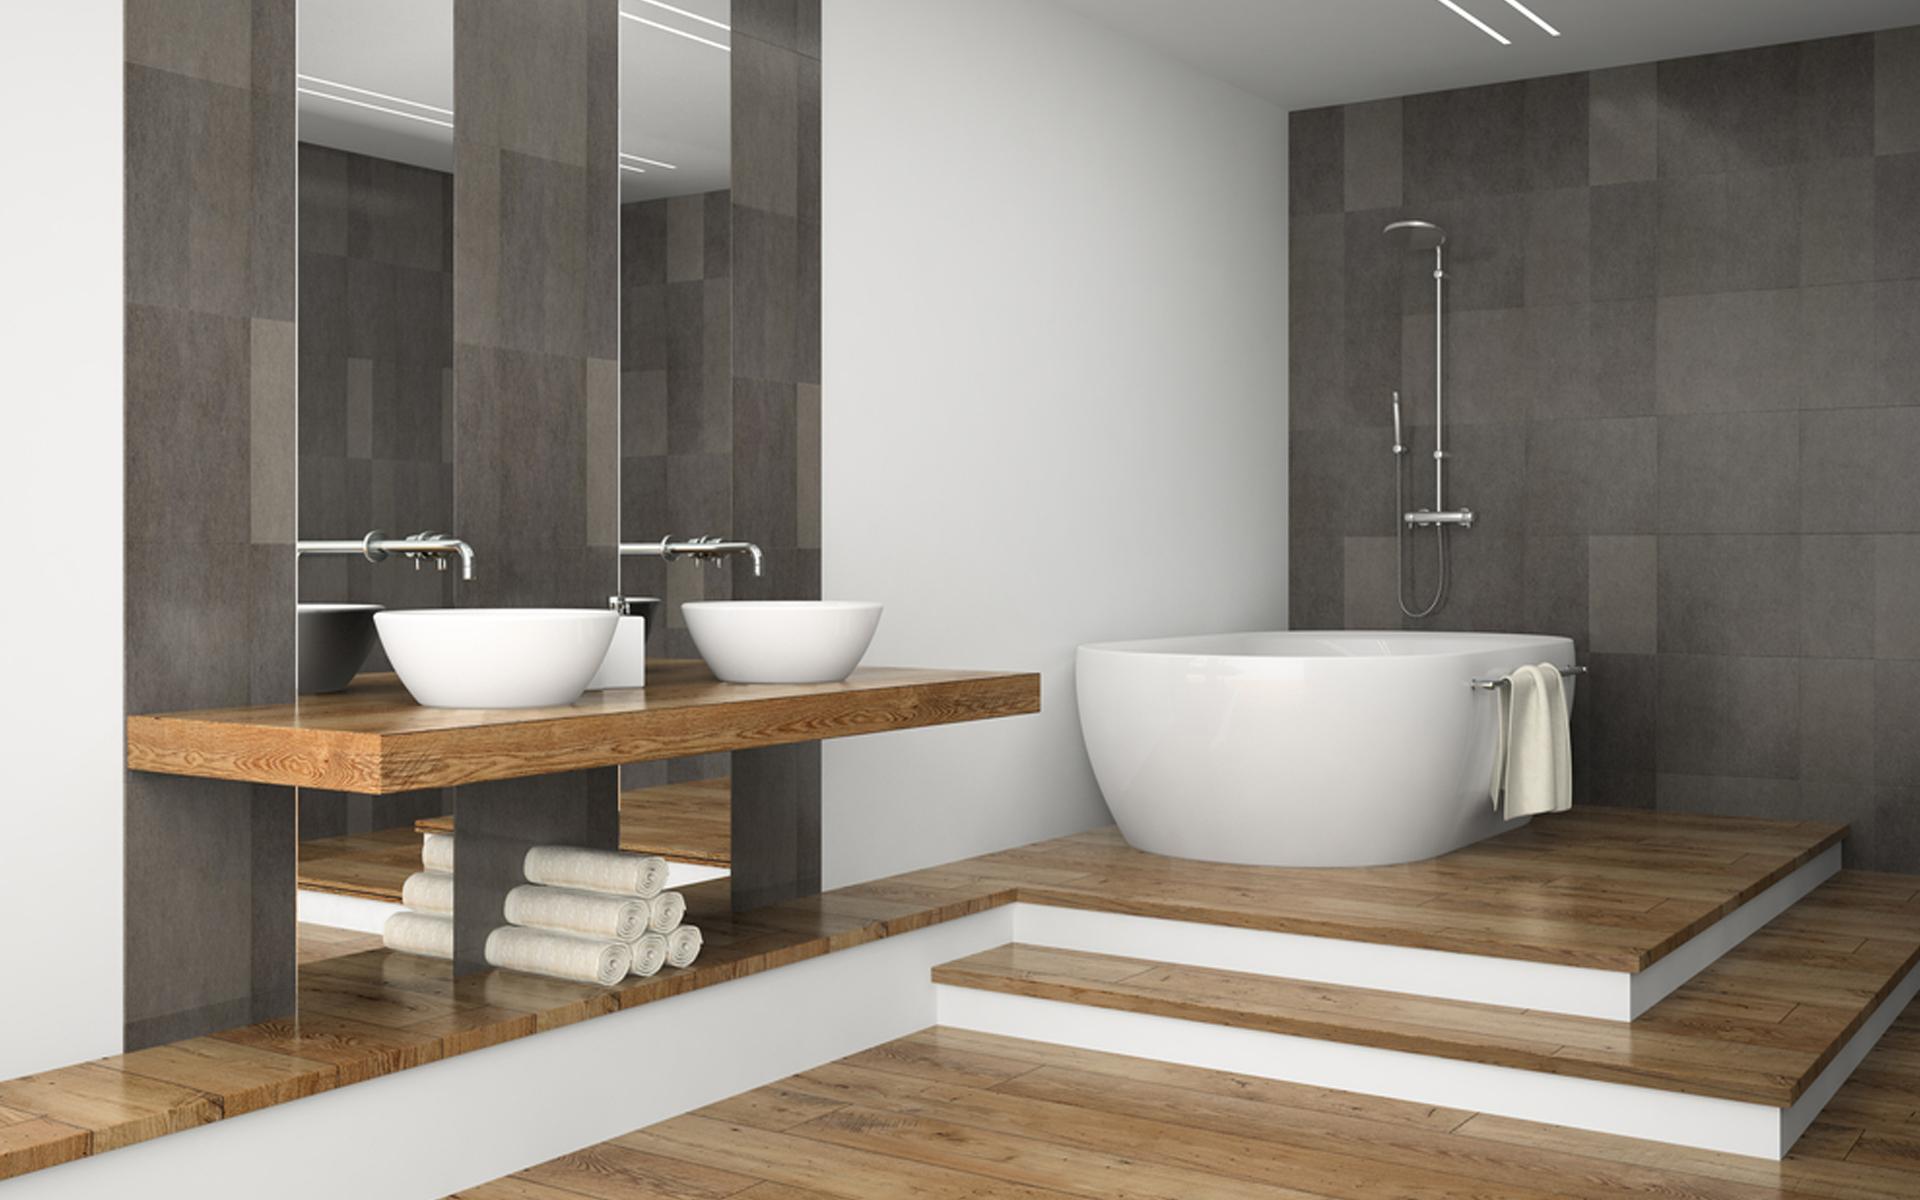 Ervaringen molenaar badkamer verkocht rijksweg ac